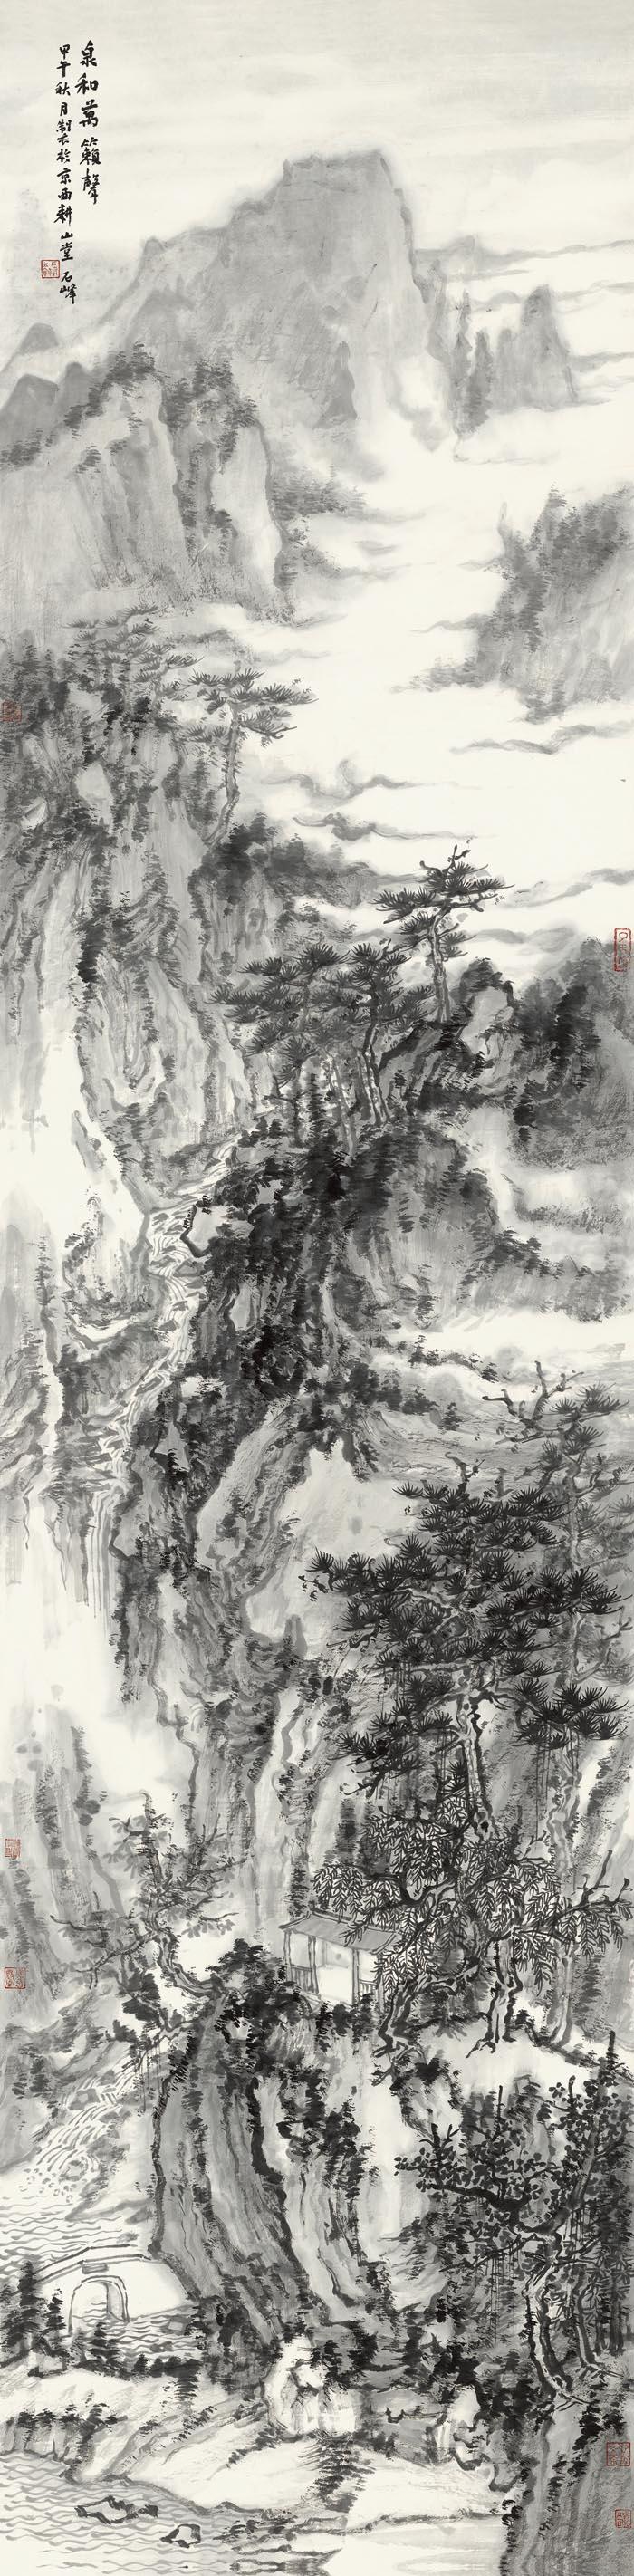 石峰作品泉和万籁声